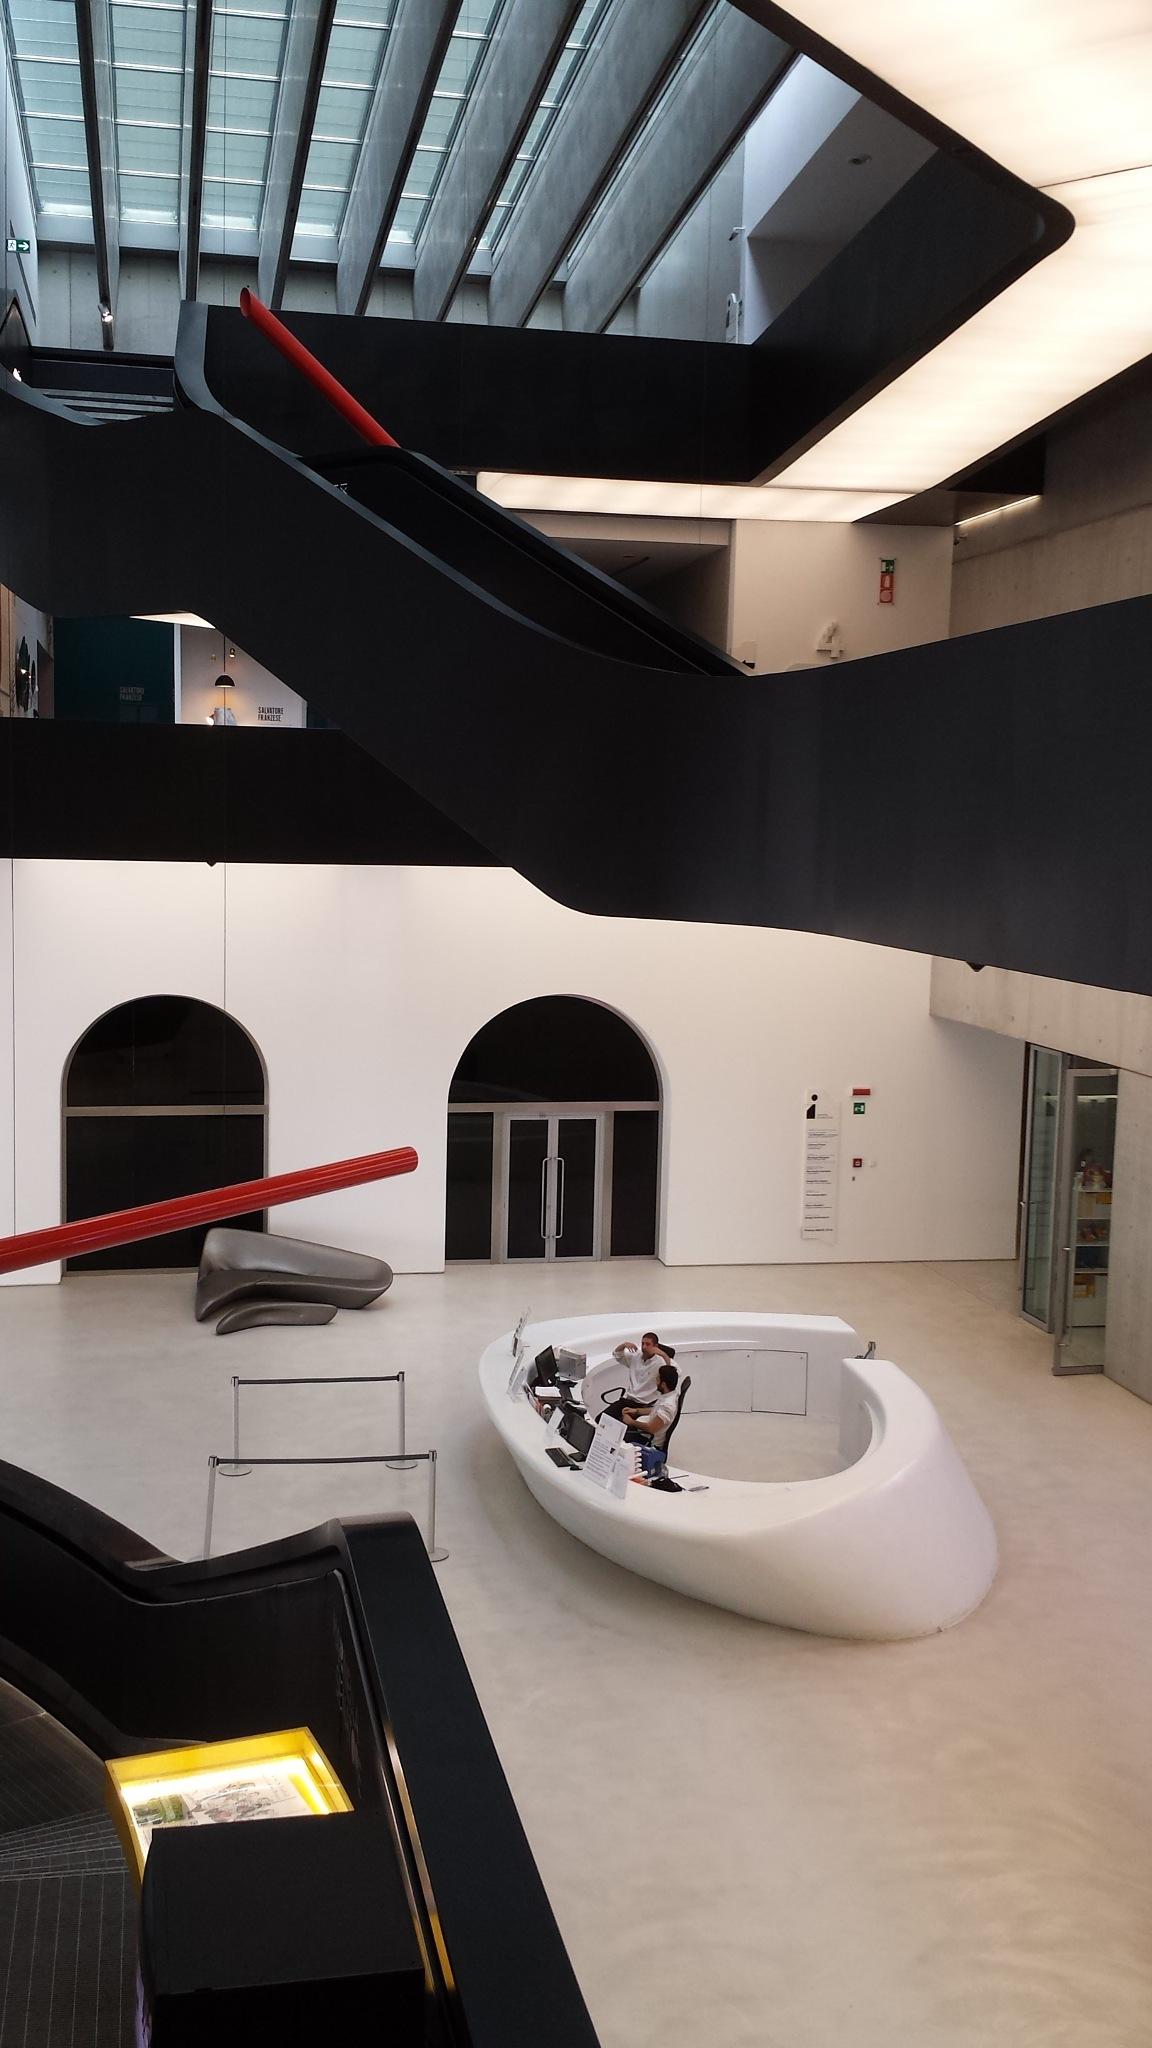 Atrium by JMDuque